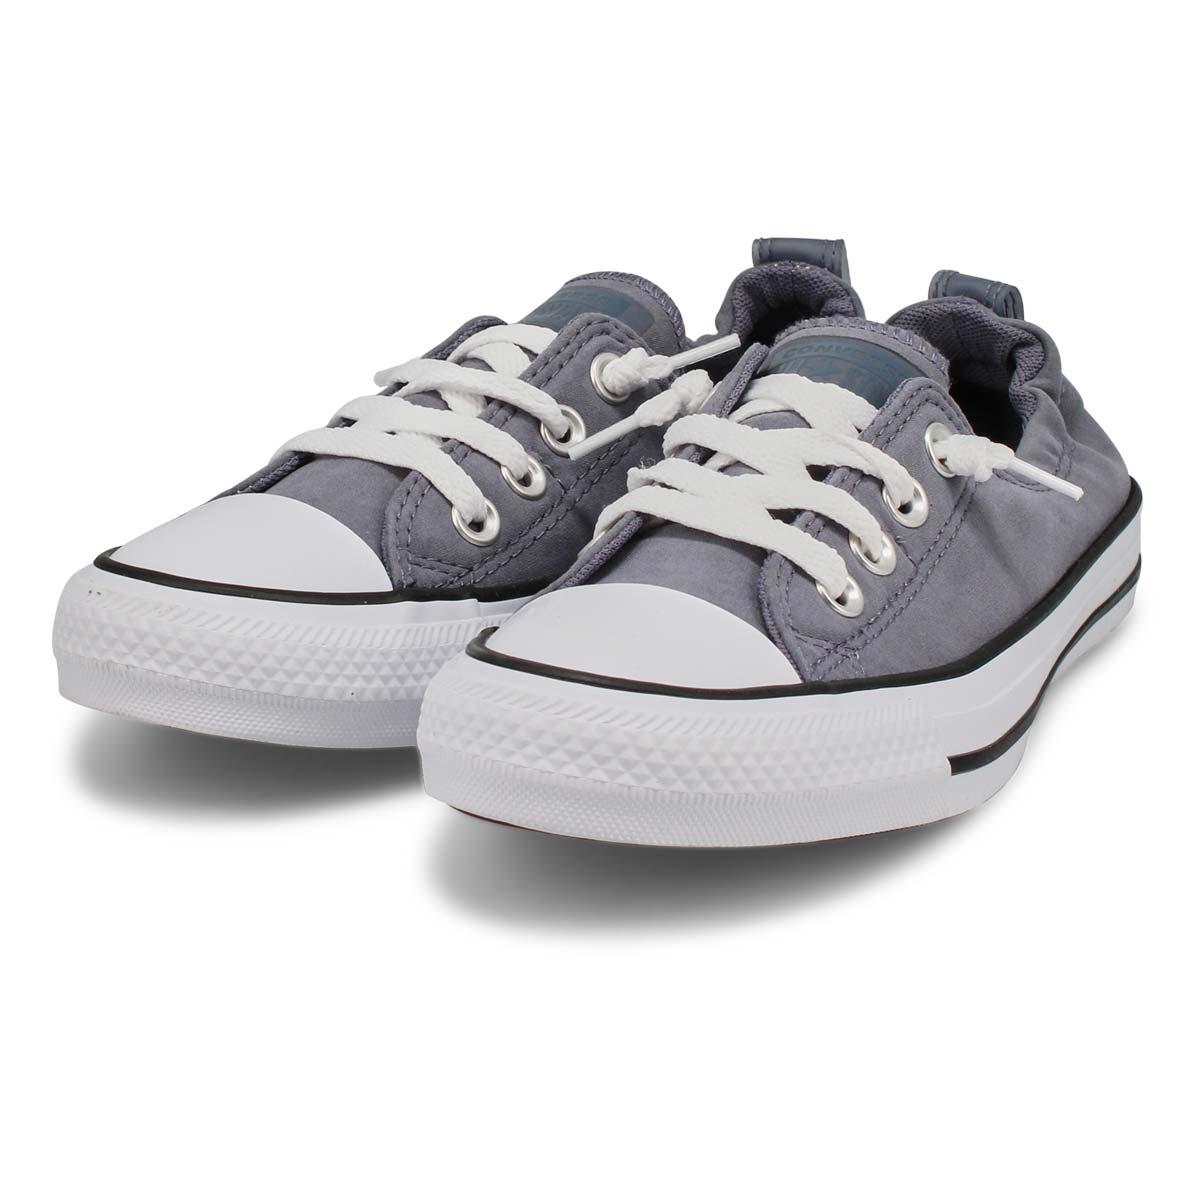 Women's All Star Shoreline Sneaker - Carbon